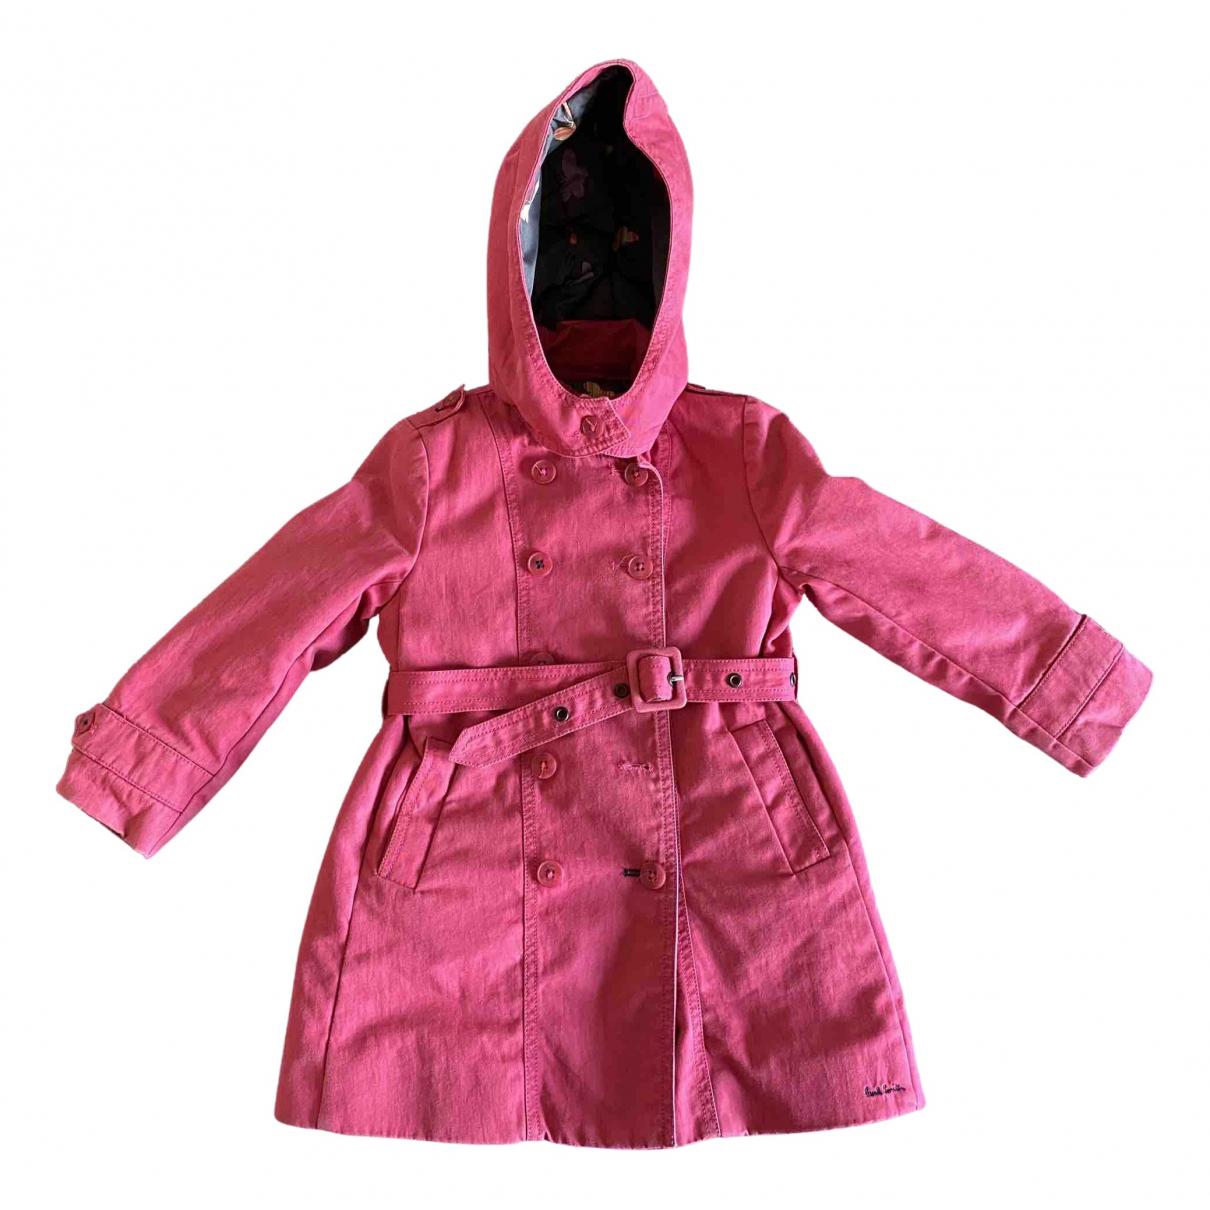 Paul Smith - Blousons.Manteaux   pour enfant en coton - rose